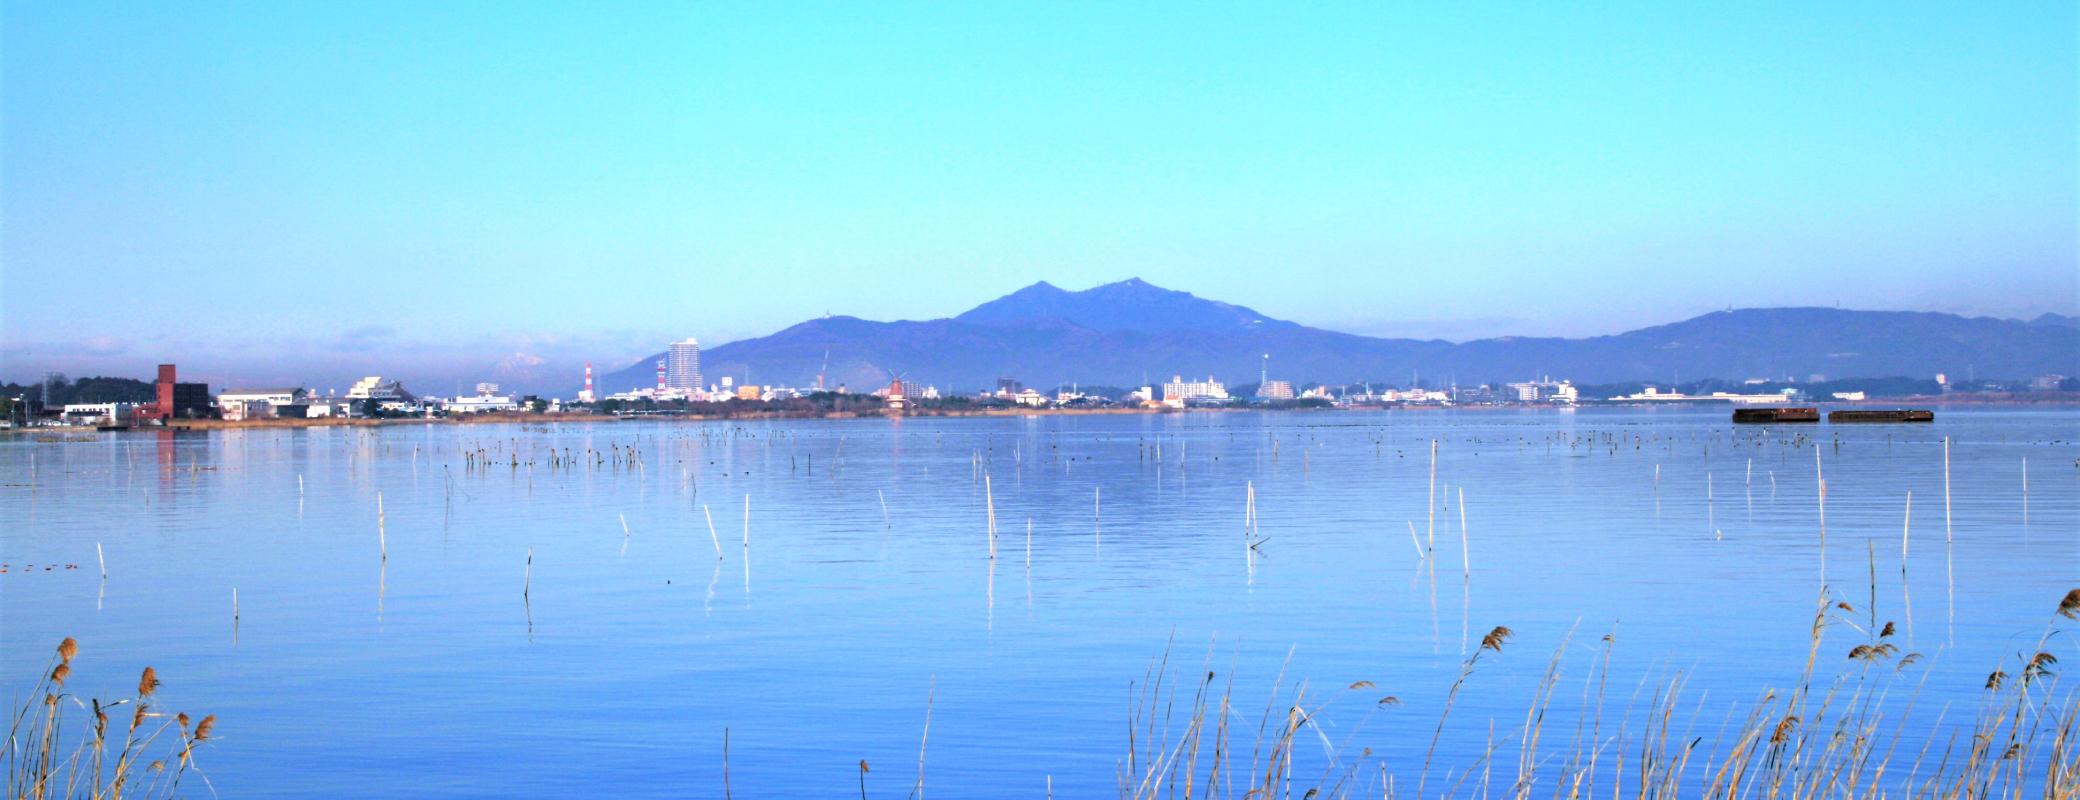 茨城県阿見町